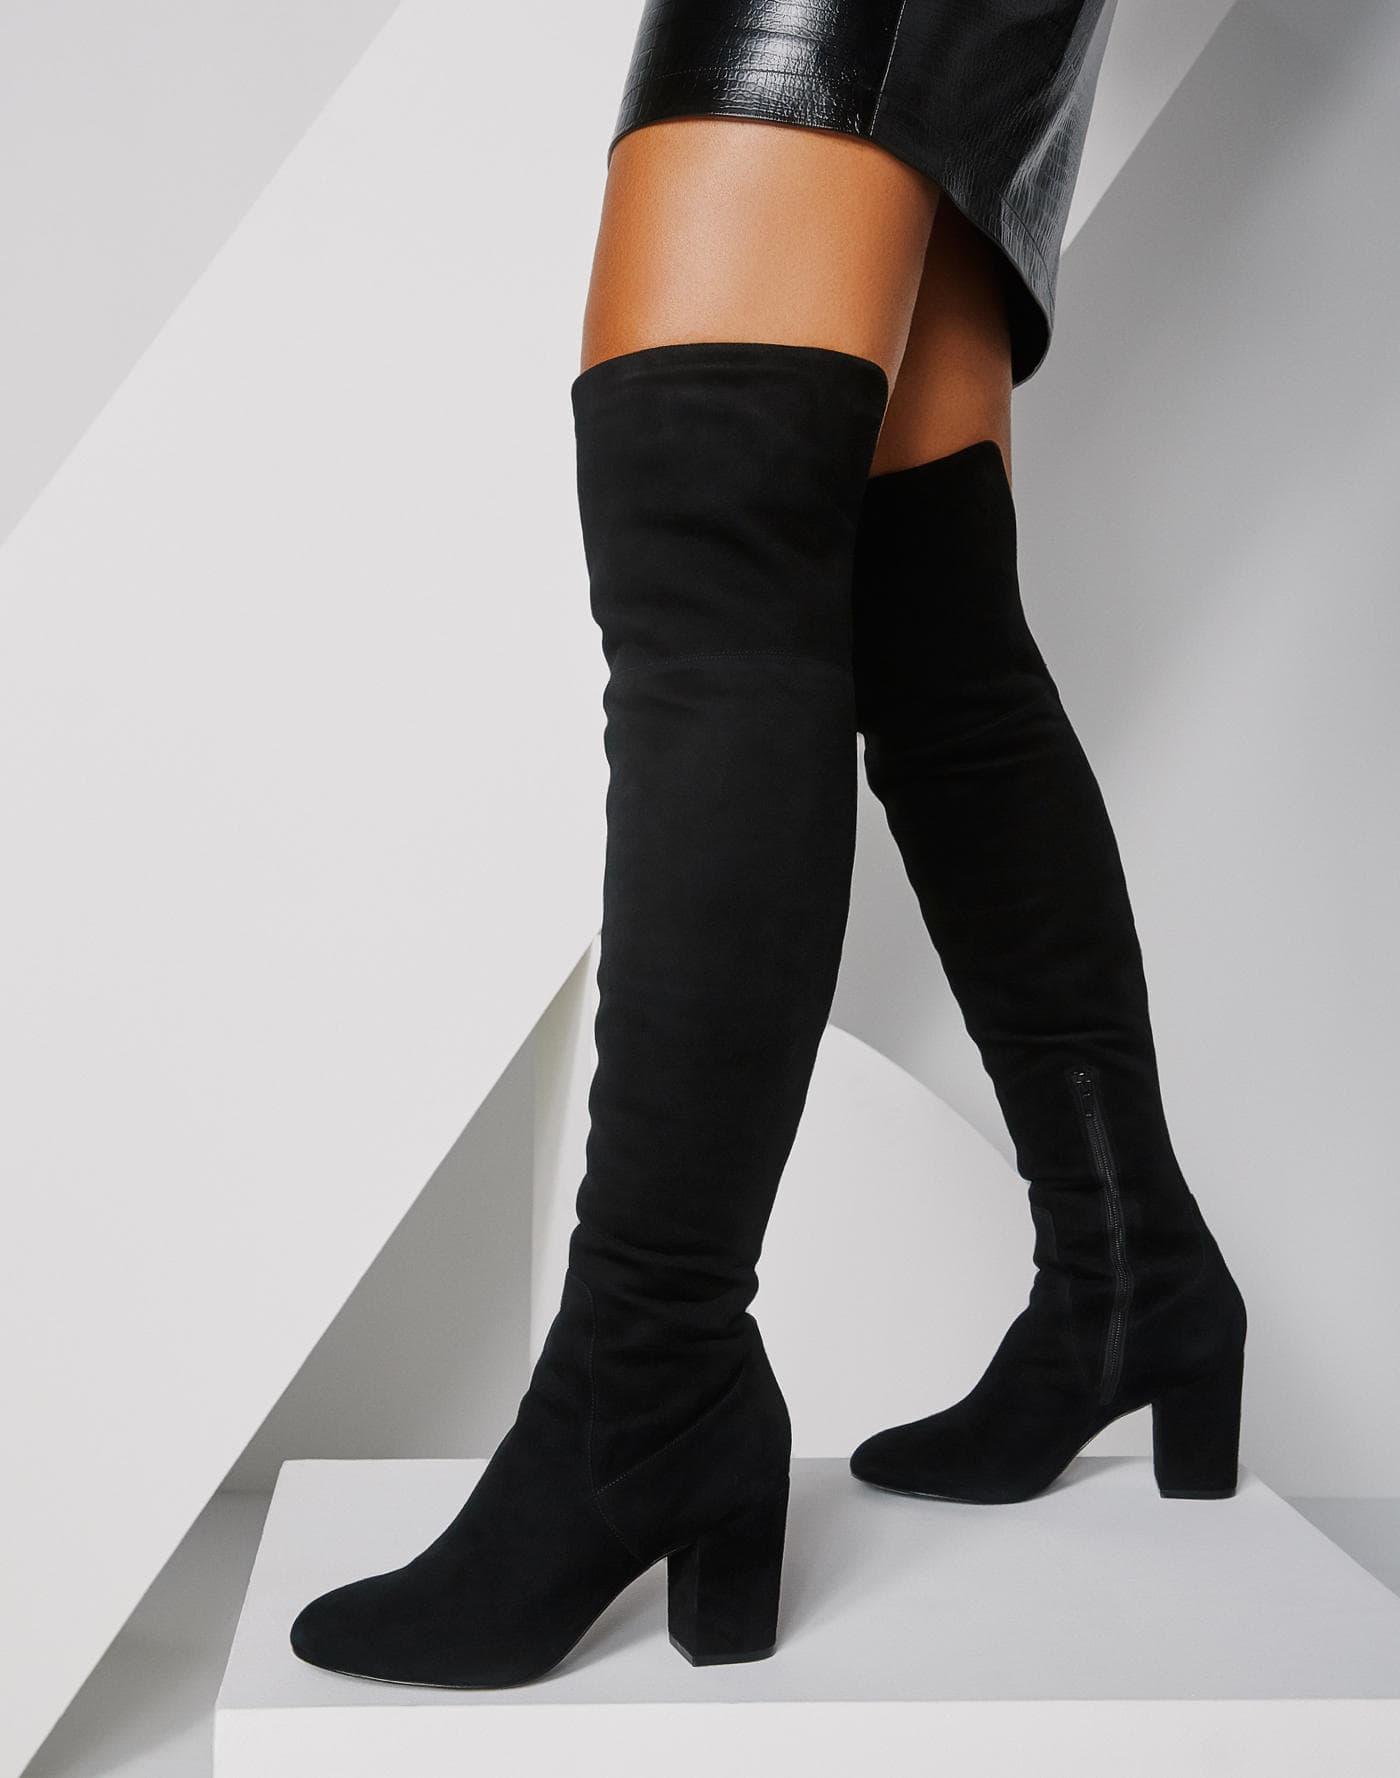 bc45e2435f9d Boots